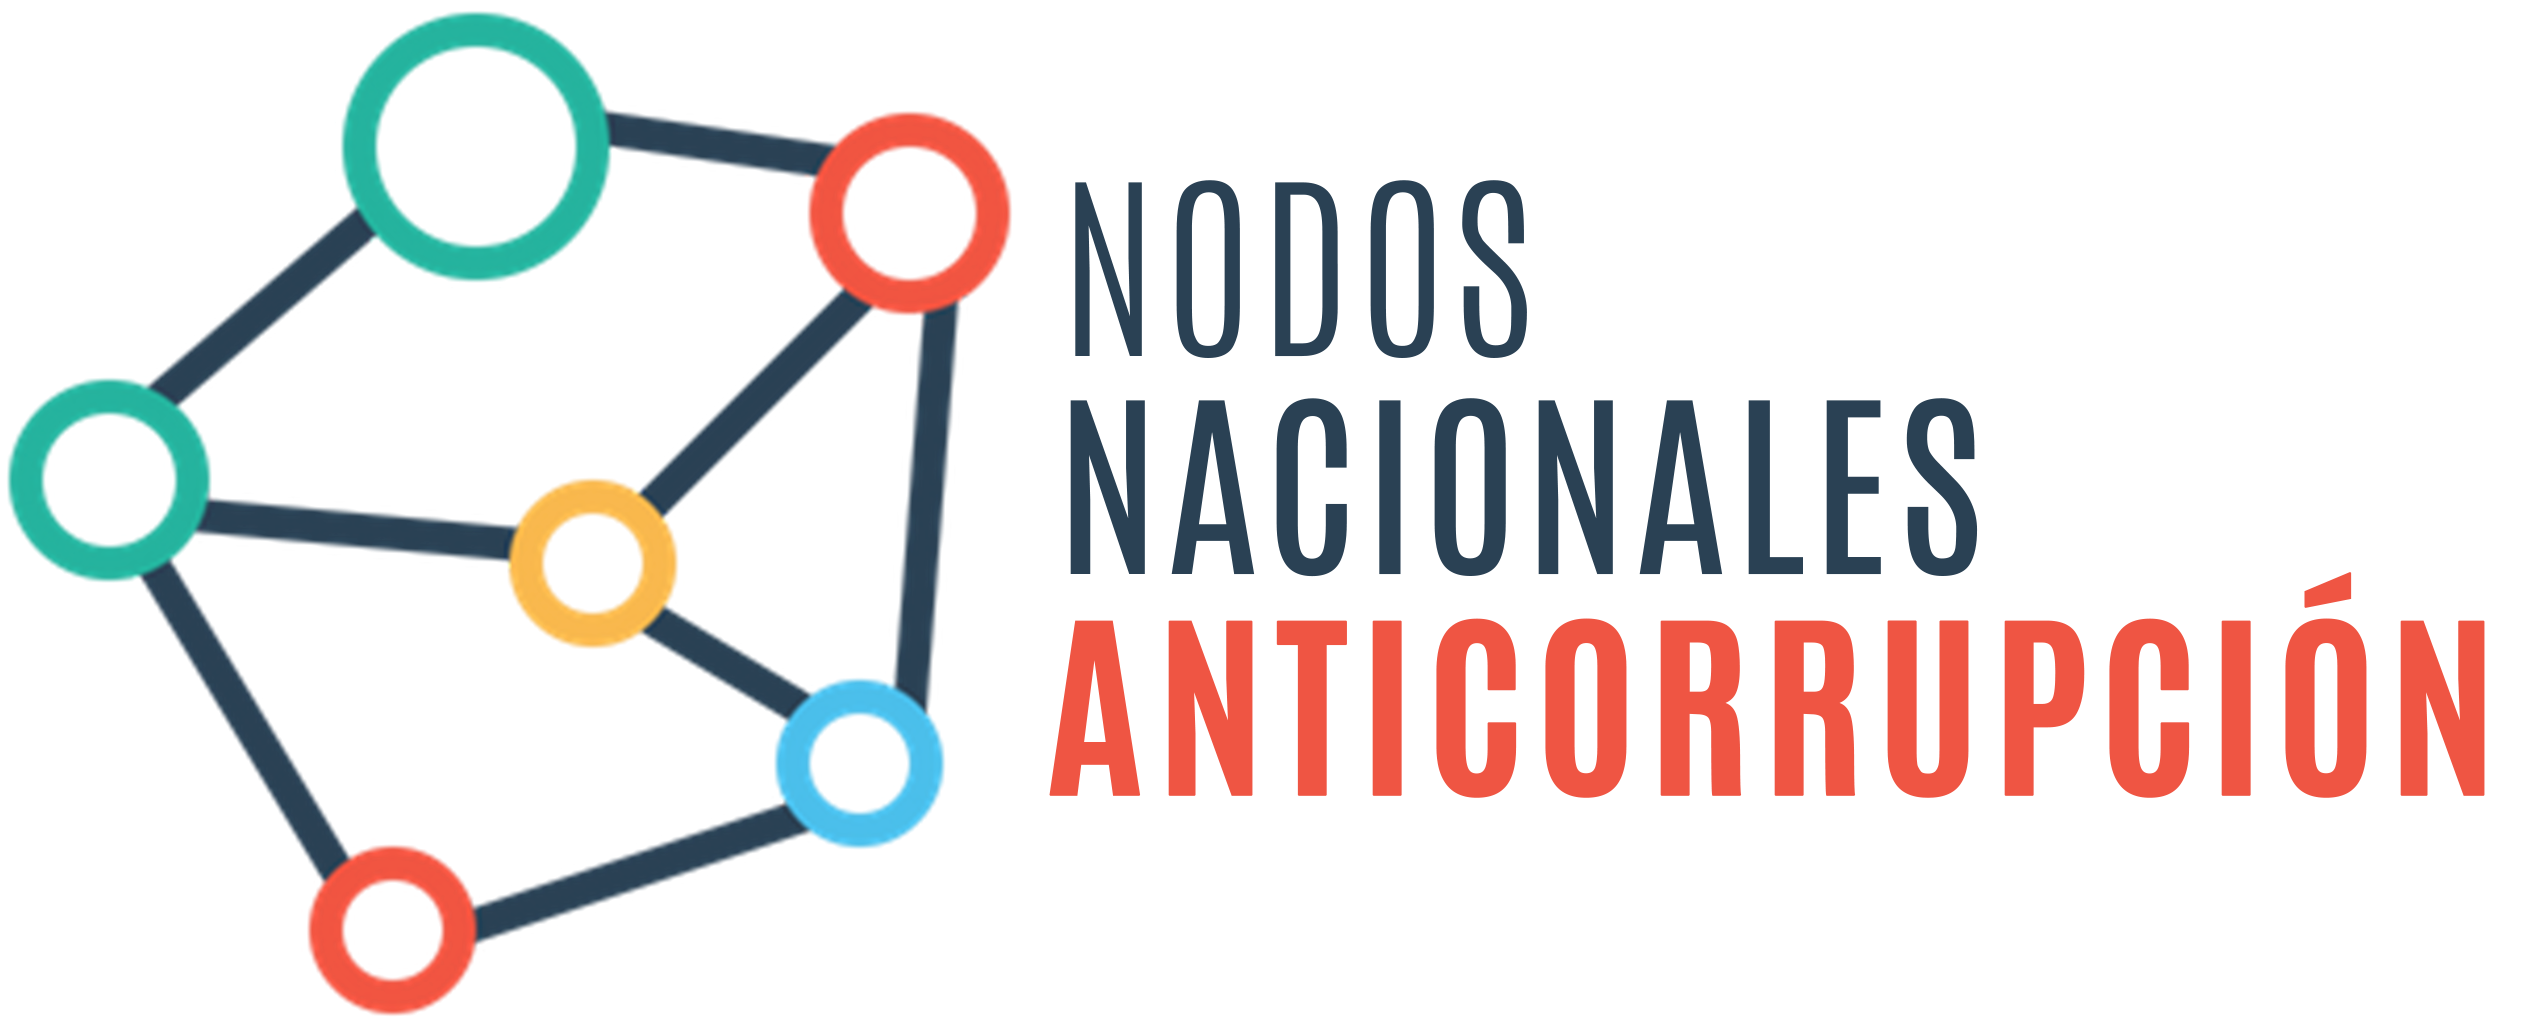 Nodos Anticorrupción- Cumbre de las Américas